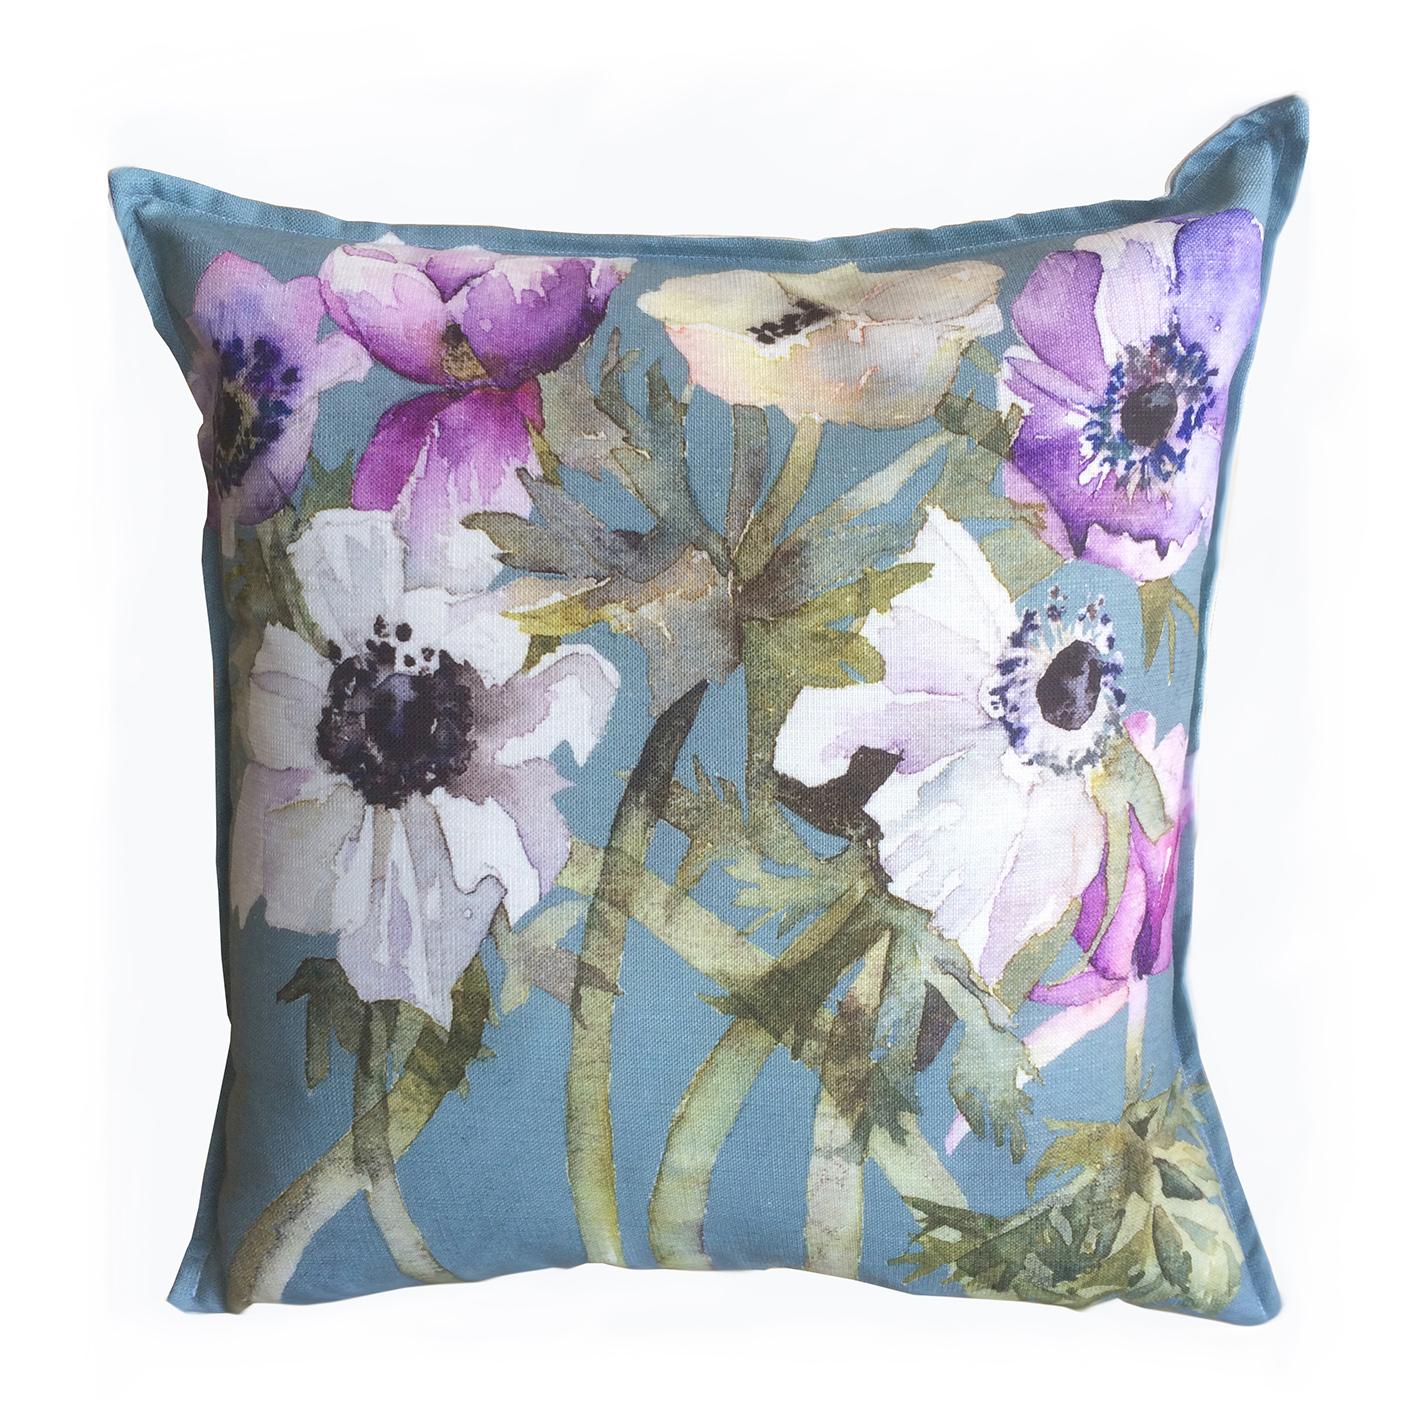 Watercolour Floral Cushions